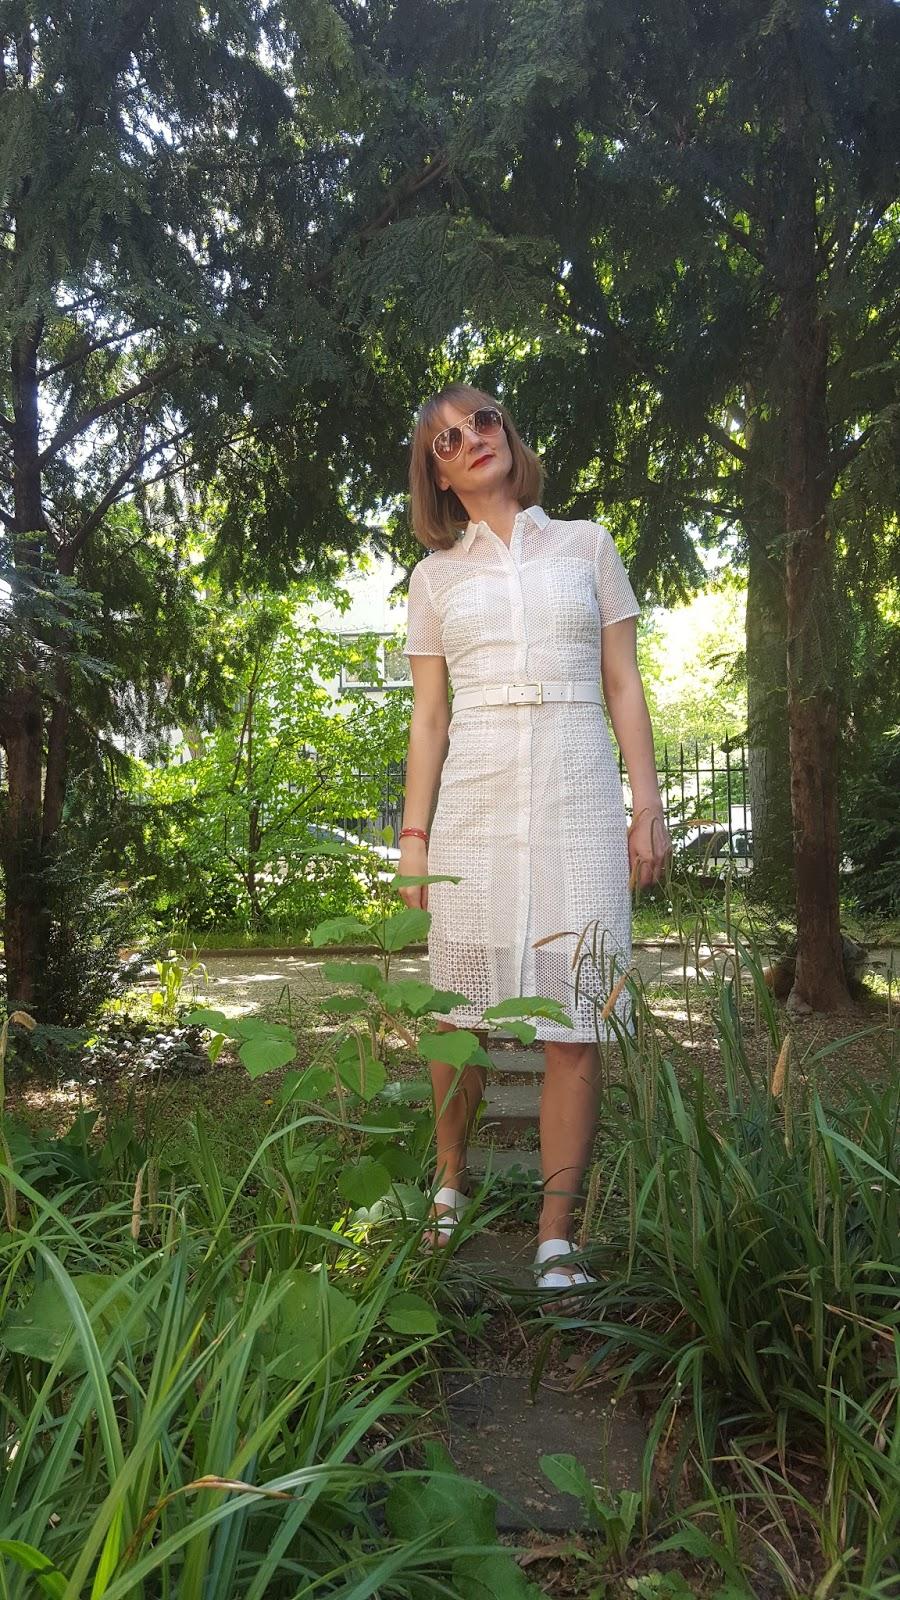 hemdenblusen-kleid_stylen_weiss_sandalen_jeansjacke_modeblog_ü40_frankfurt_oceanblue-style_birkenstock